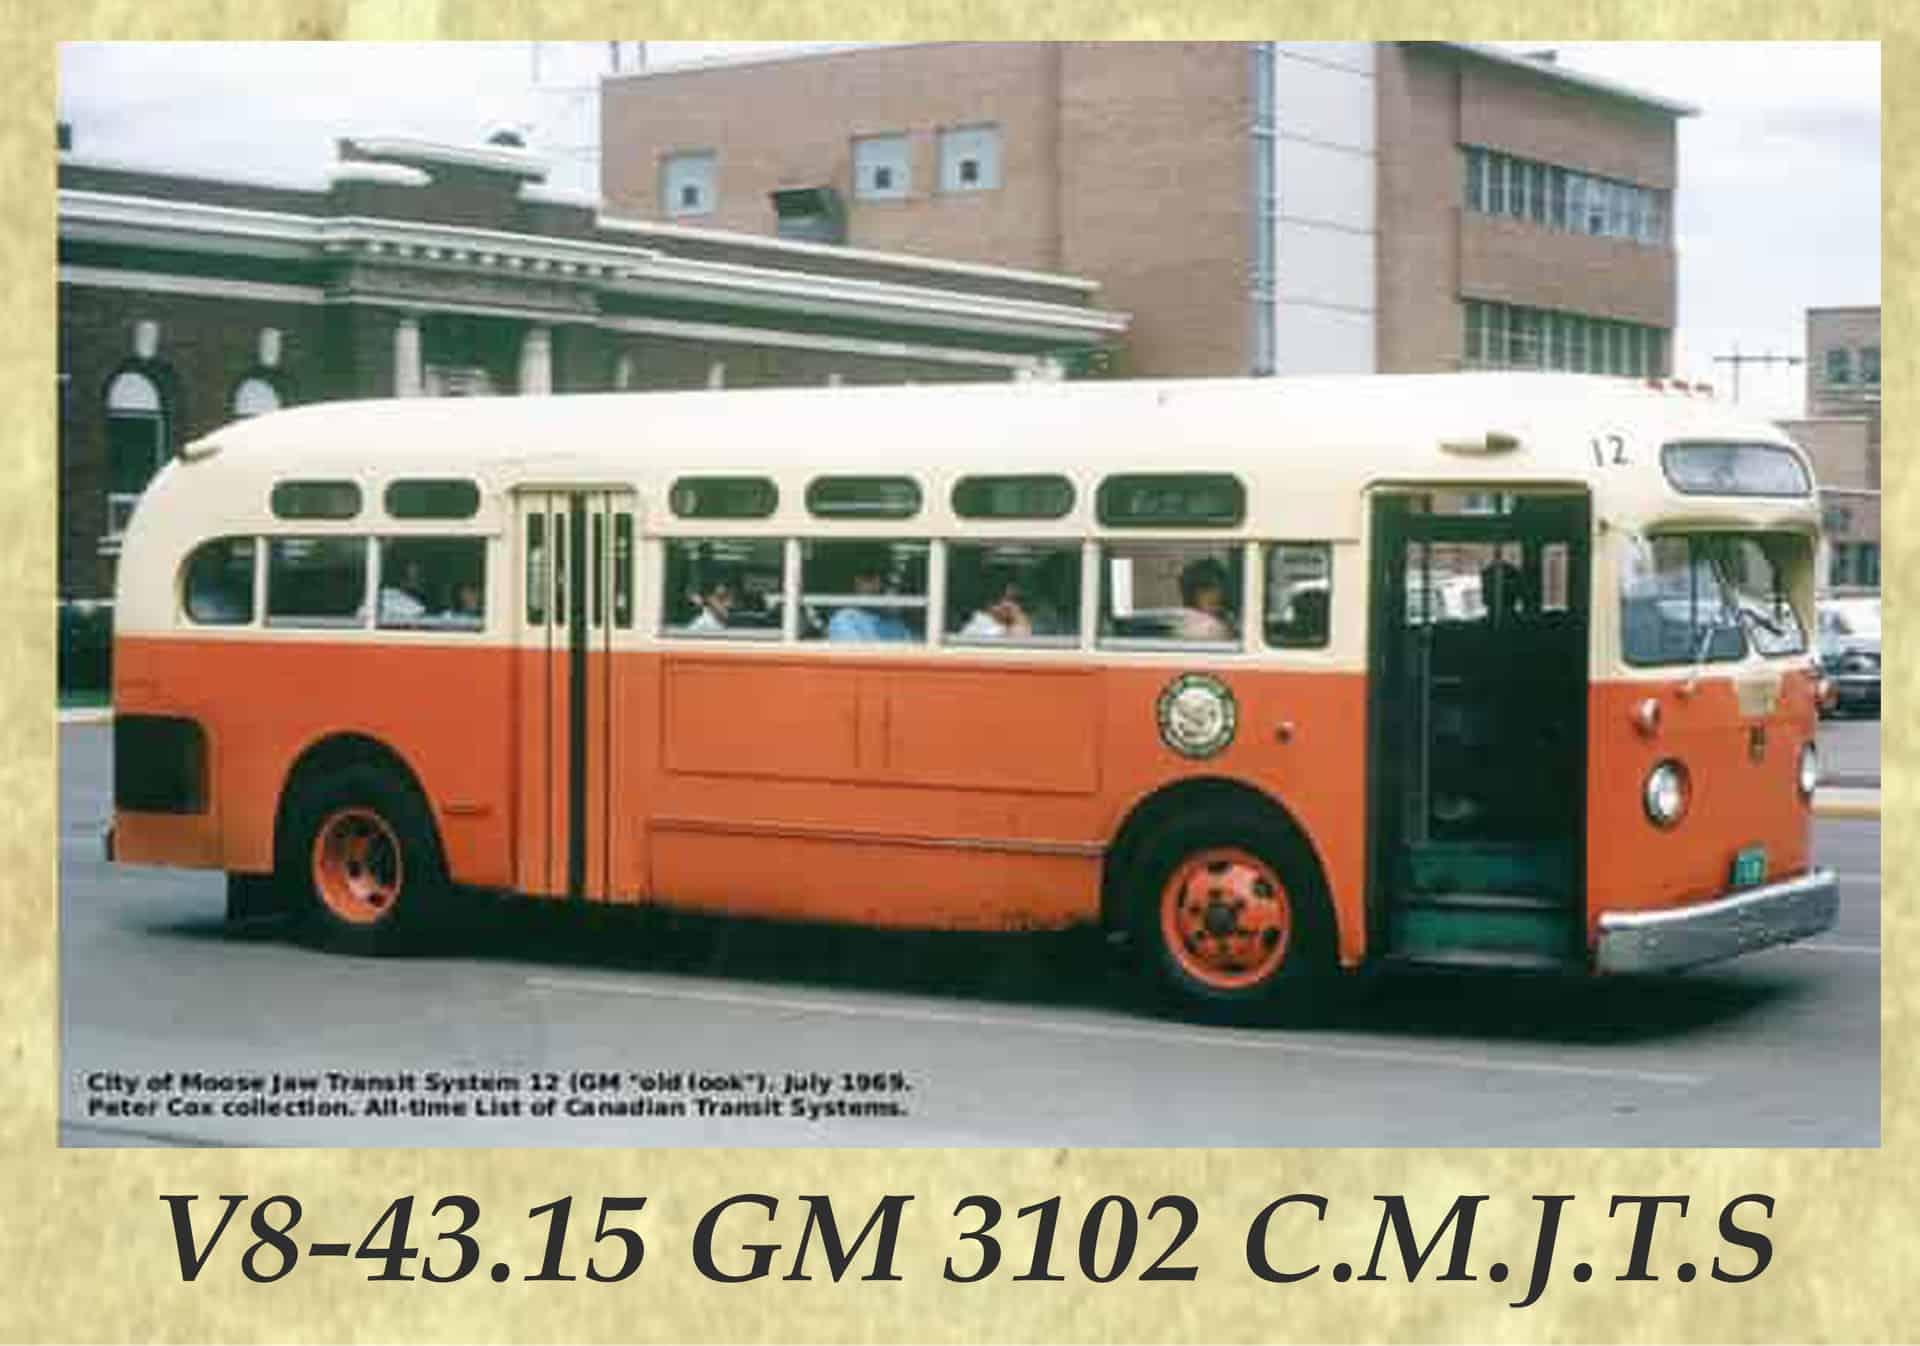 V8-43.15 GM 3102 C.M.J.T